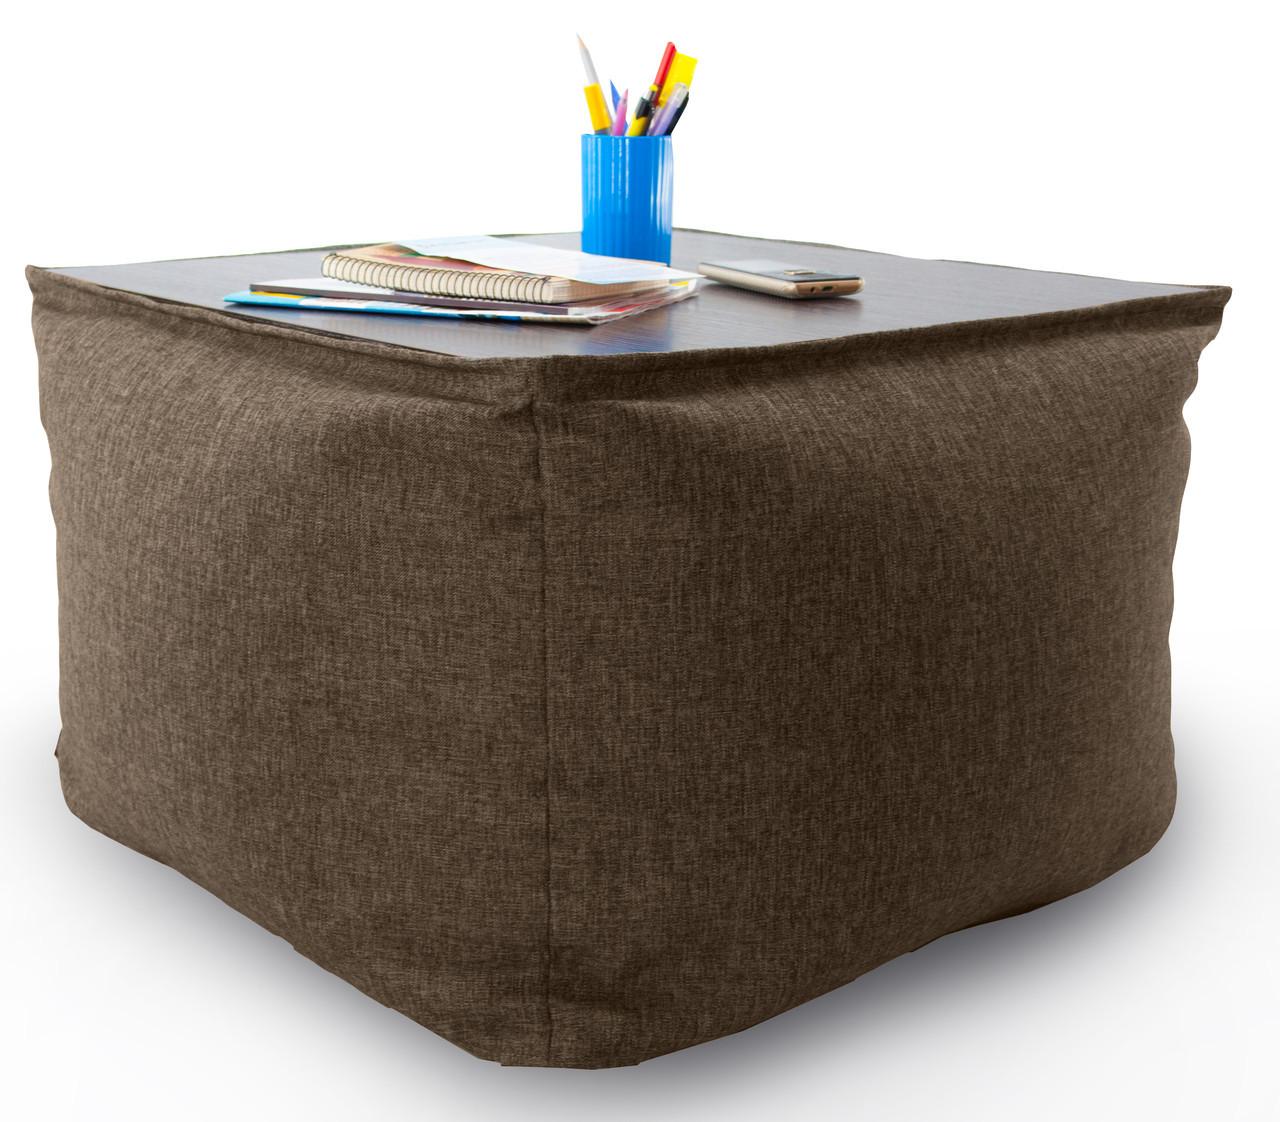 Кресло мешок, журнальный столик, бескаркасный столик. Микро-рогожка 45см. С дополнительным чехлом